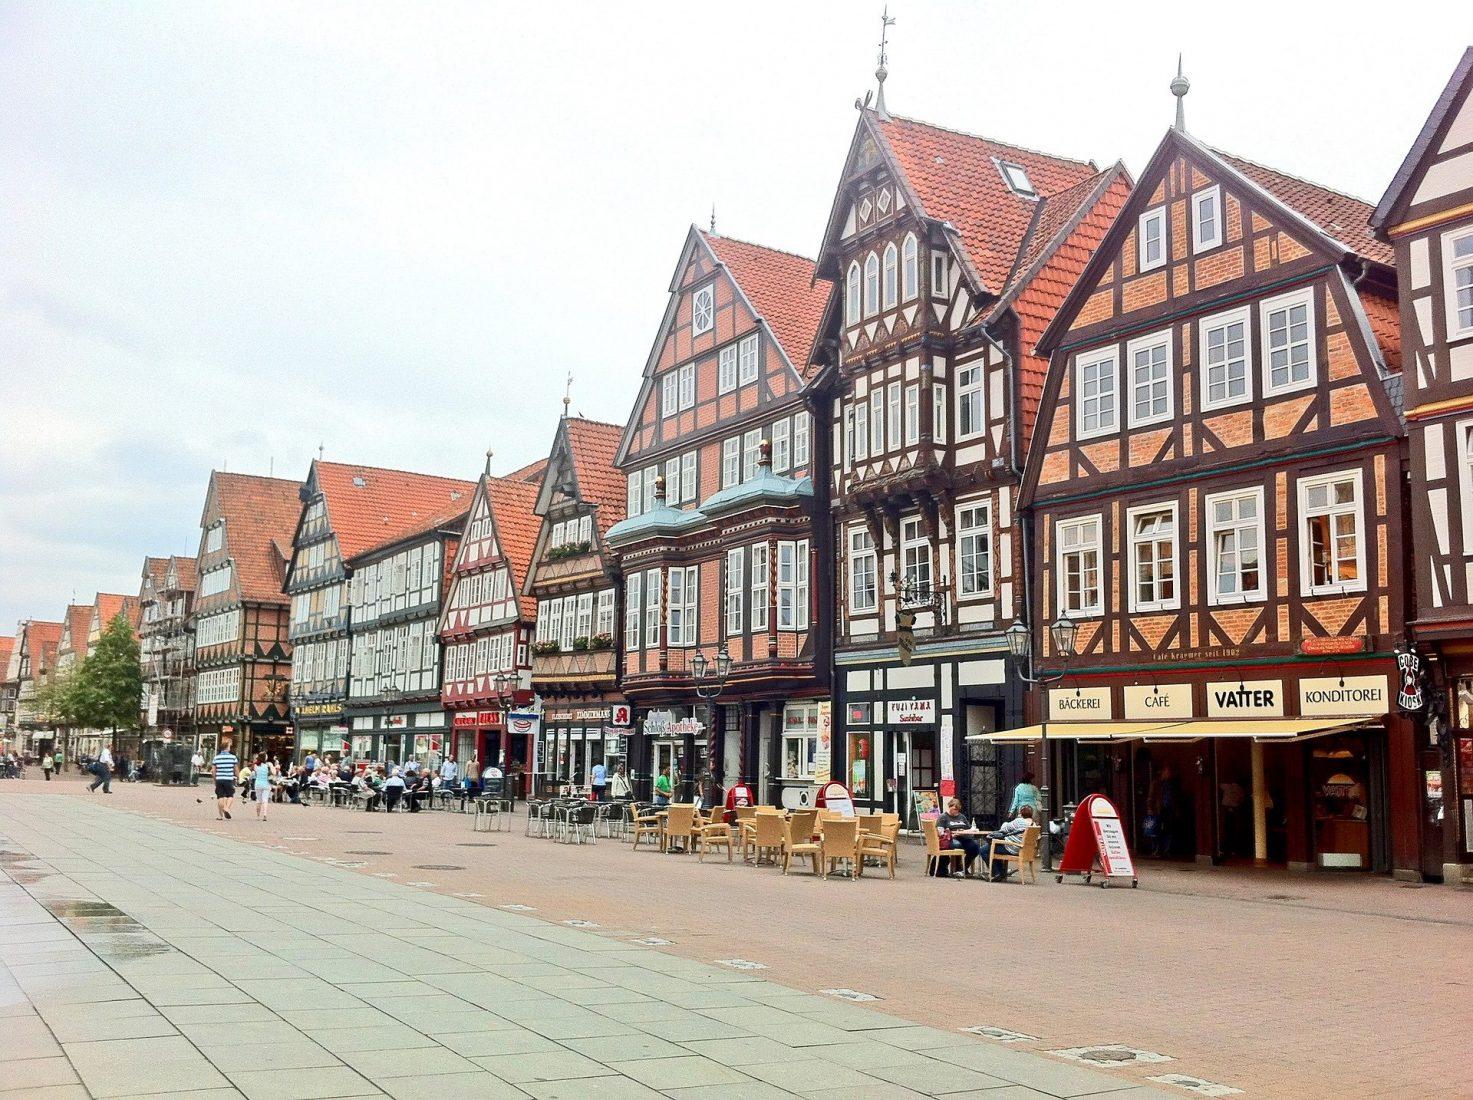 Romantische Fachwerkstadt: Im niedersächsischen Celle ist die alte Baukunst noch heute allgegenwärtig. Foto: Pixabay